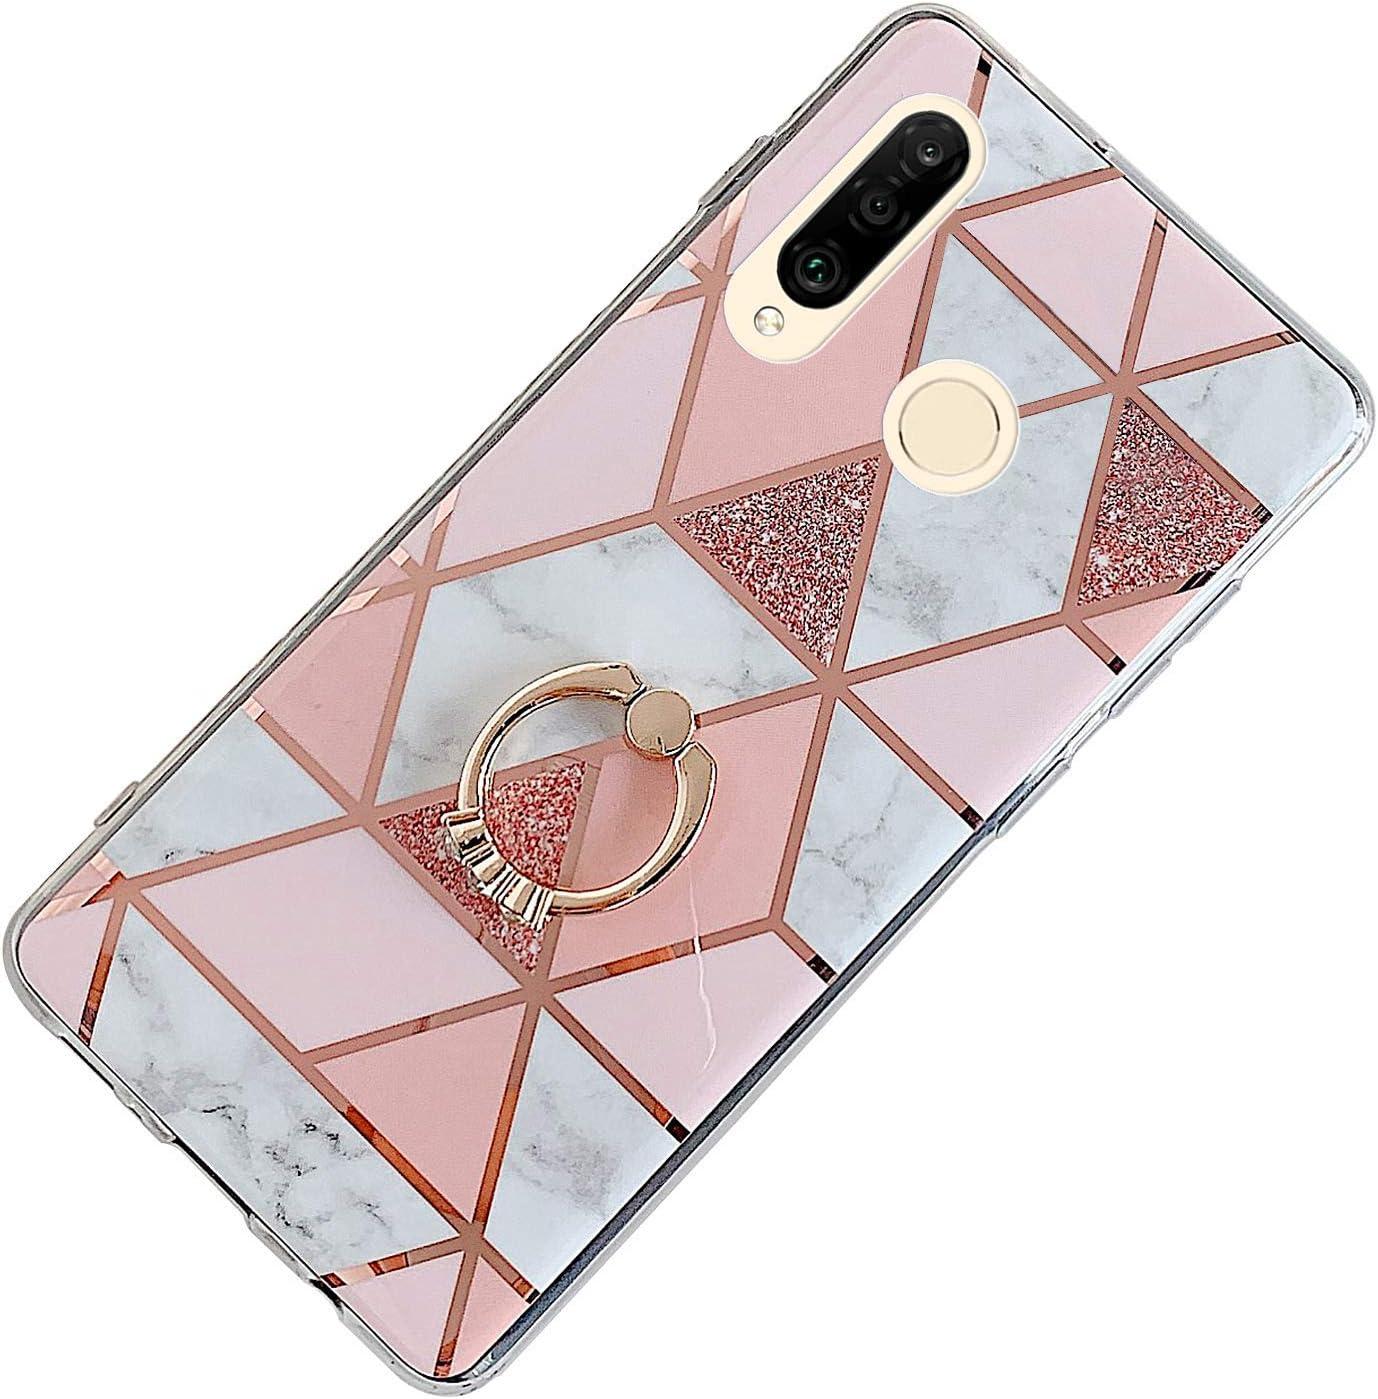 Saceebe Compatible avec Huawei P30 Lite Coque Silicone Motif G/éom/étrique Marbre TPU Housse Etui Souple Coque avec T/él/éphone Anneau Bague Support Paillette Brillant Strass,Rose